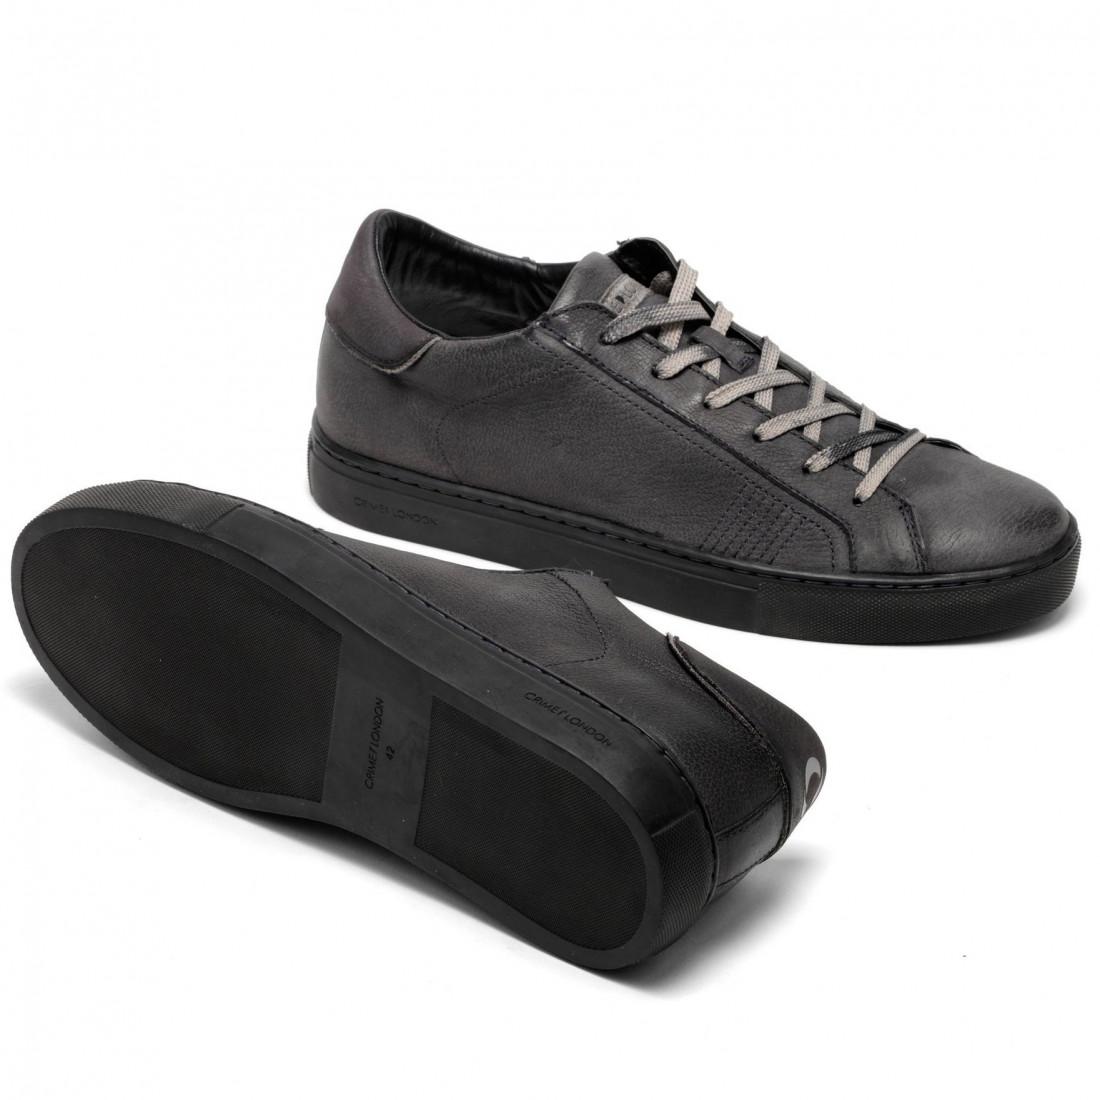 sneakers herren crime london 1160733 grigio 7841